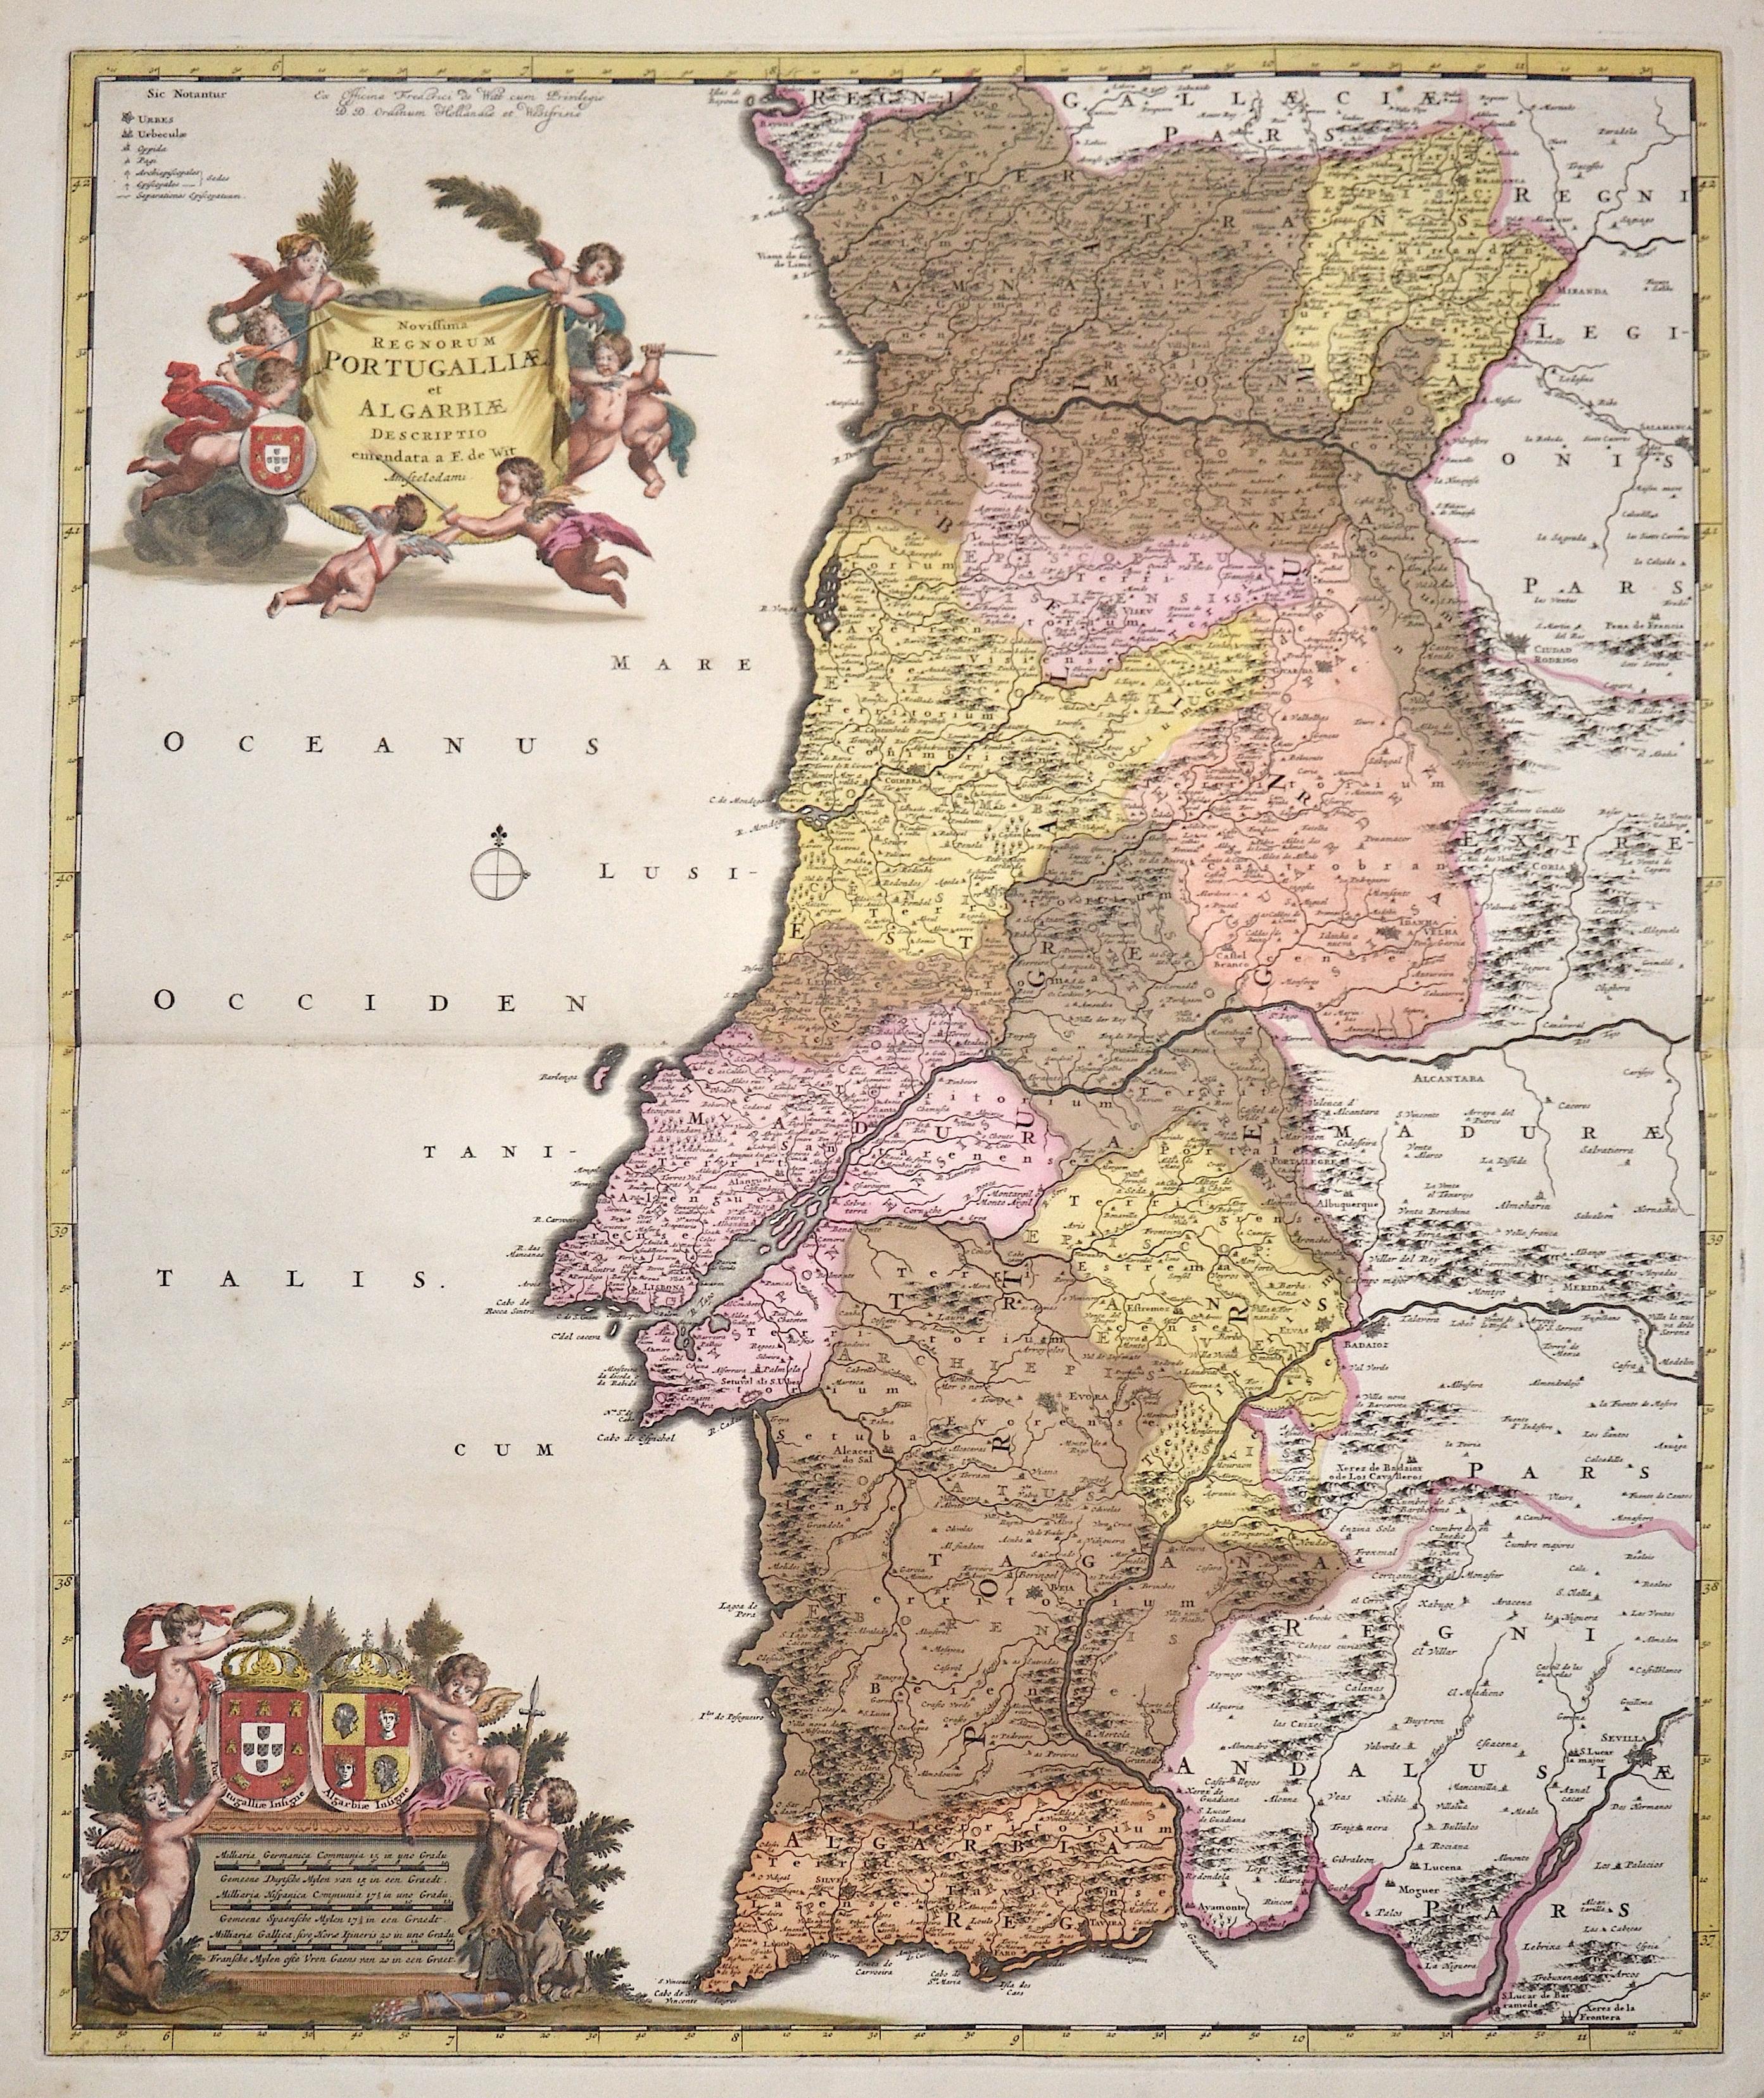 Wit, de Frederick Novissima Regnorum Portugalliae et Algarbiae